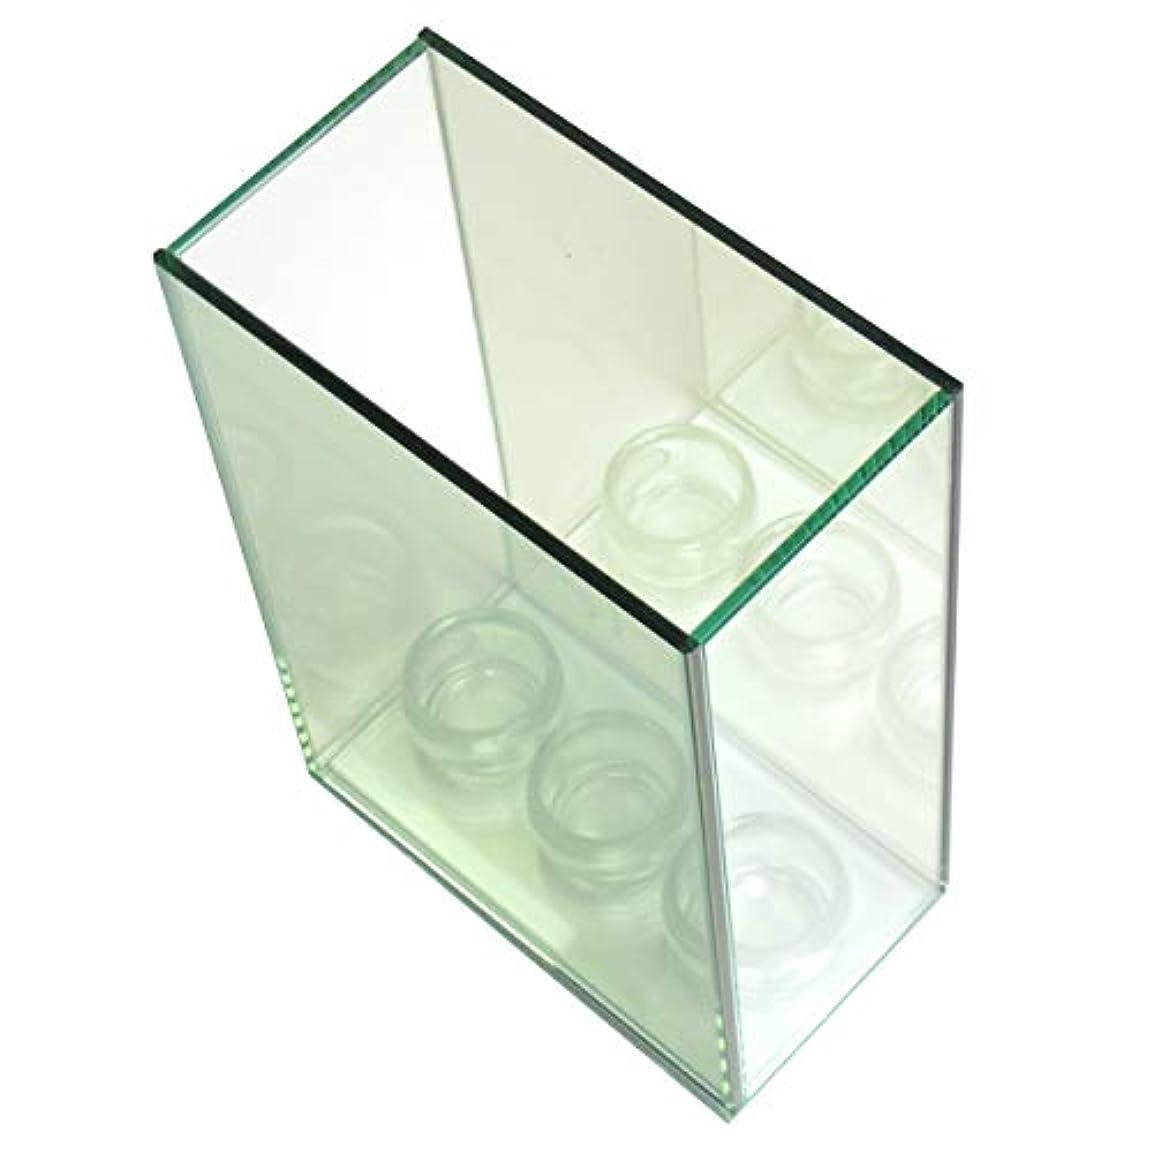 郵便憲法拘束する無限連鎖キャンドルホルダー 3連 ガラス キャンドルスタンド ランタン 誕生日 ティーライトキャンドル